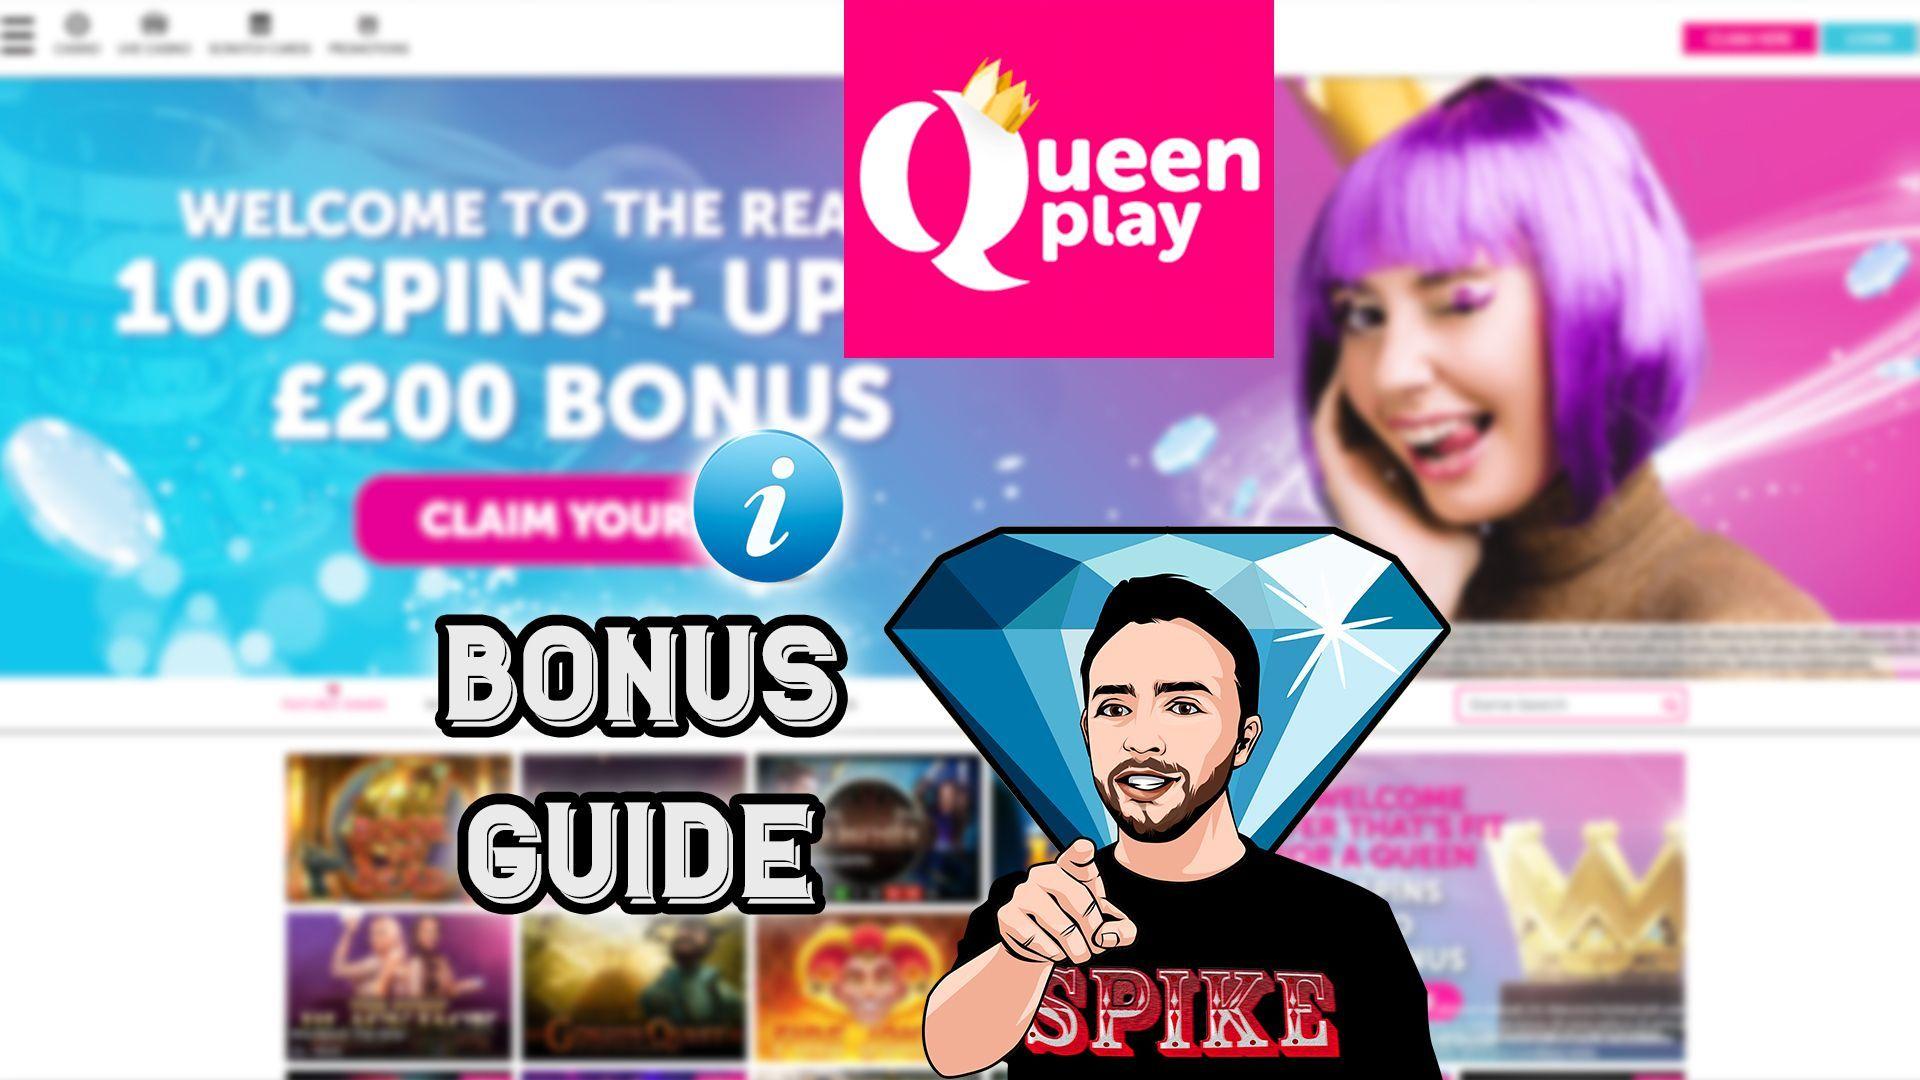 queenplay-casino-bonus-guide